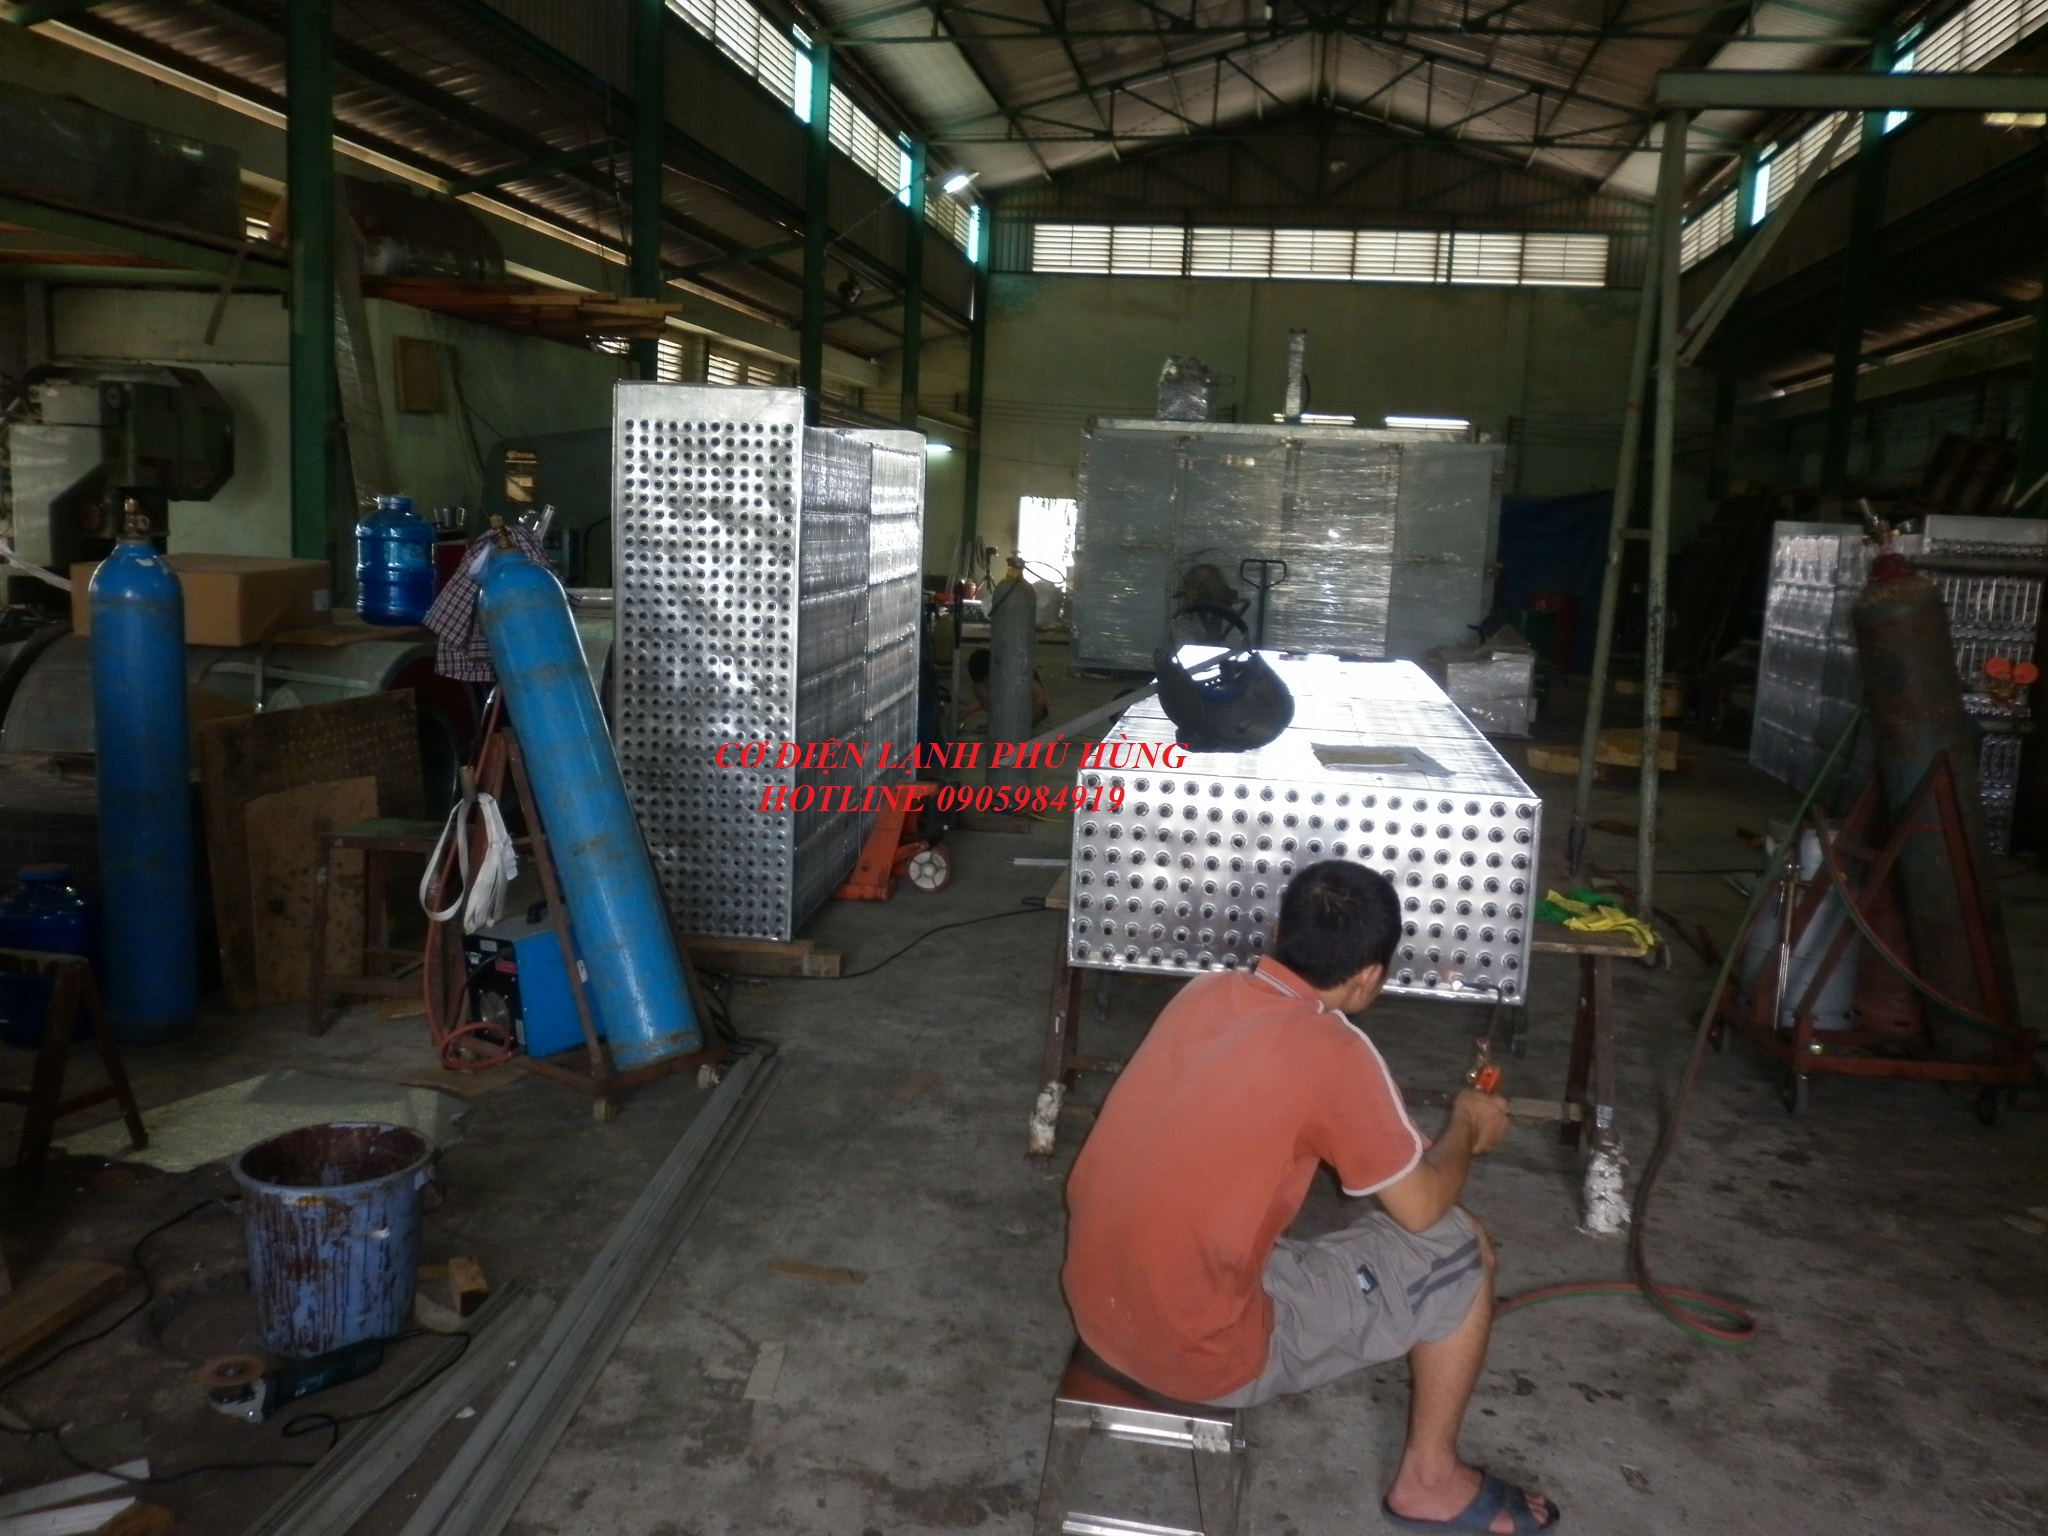 Dàn lạnh công nghiệp Đà Nẵng 5